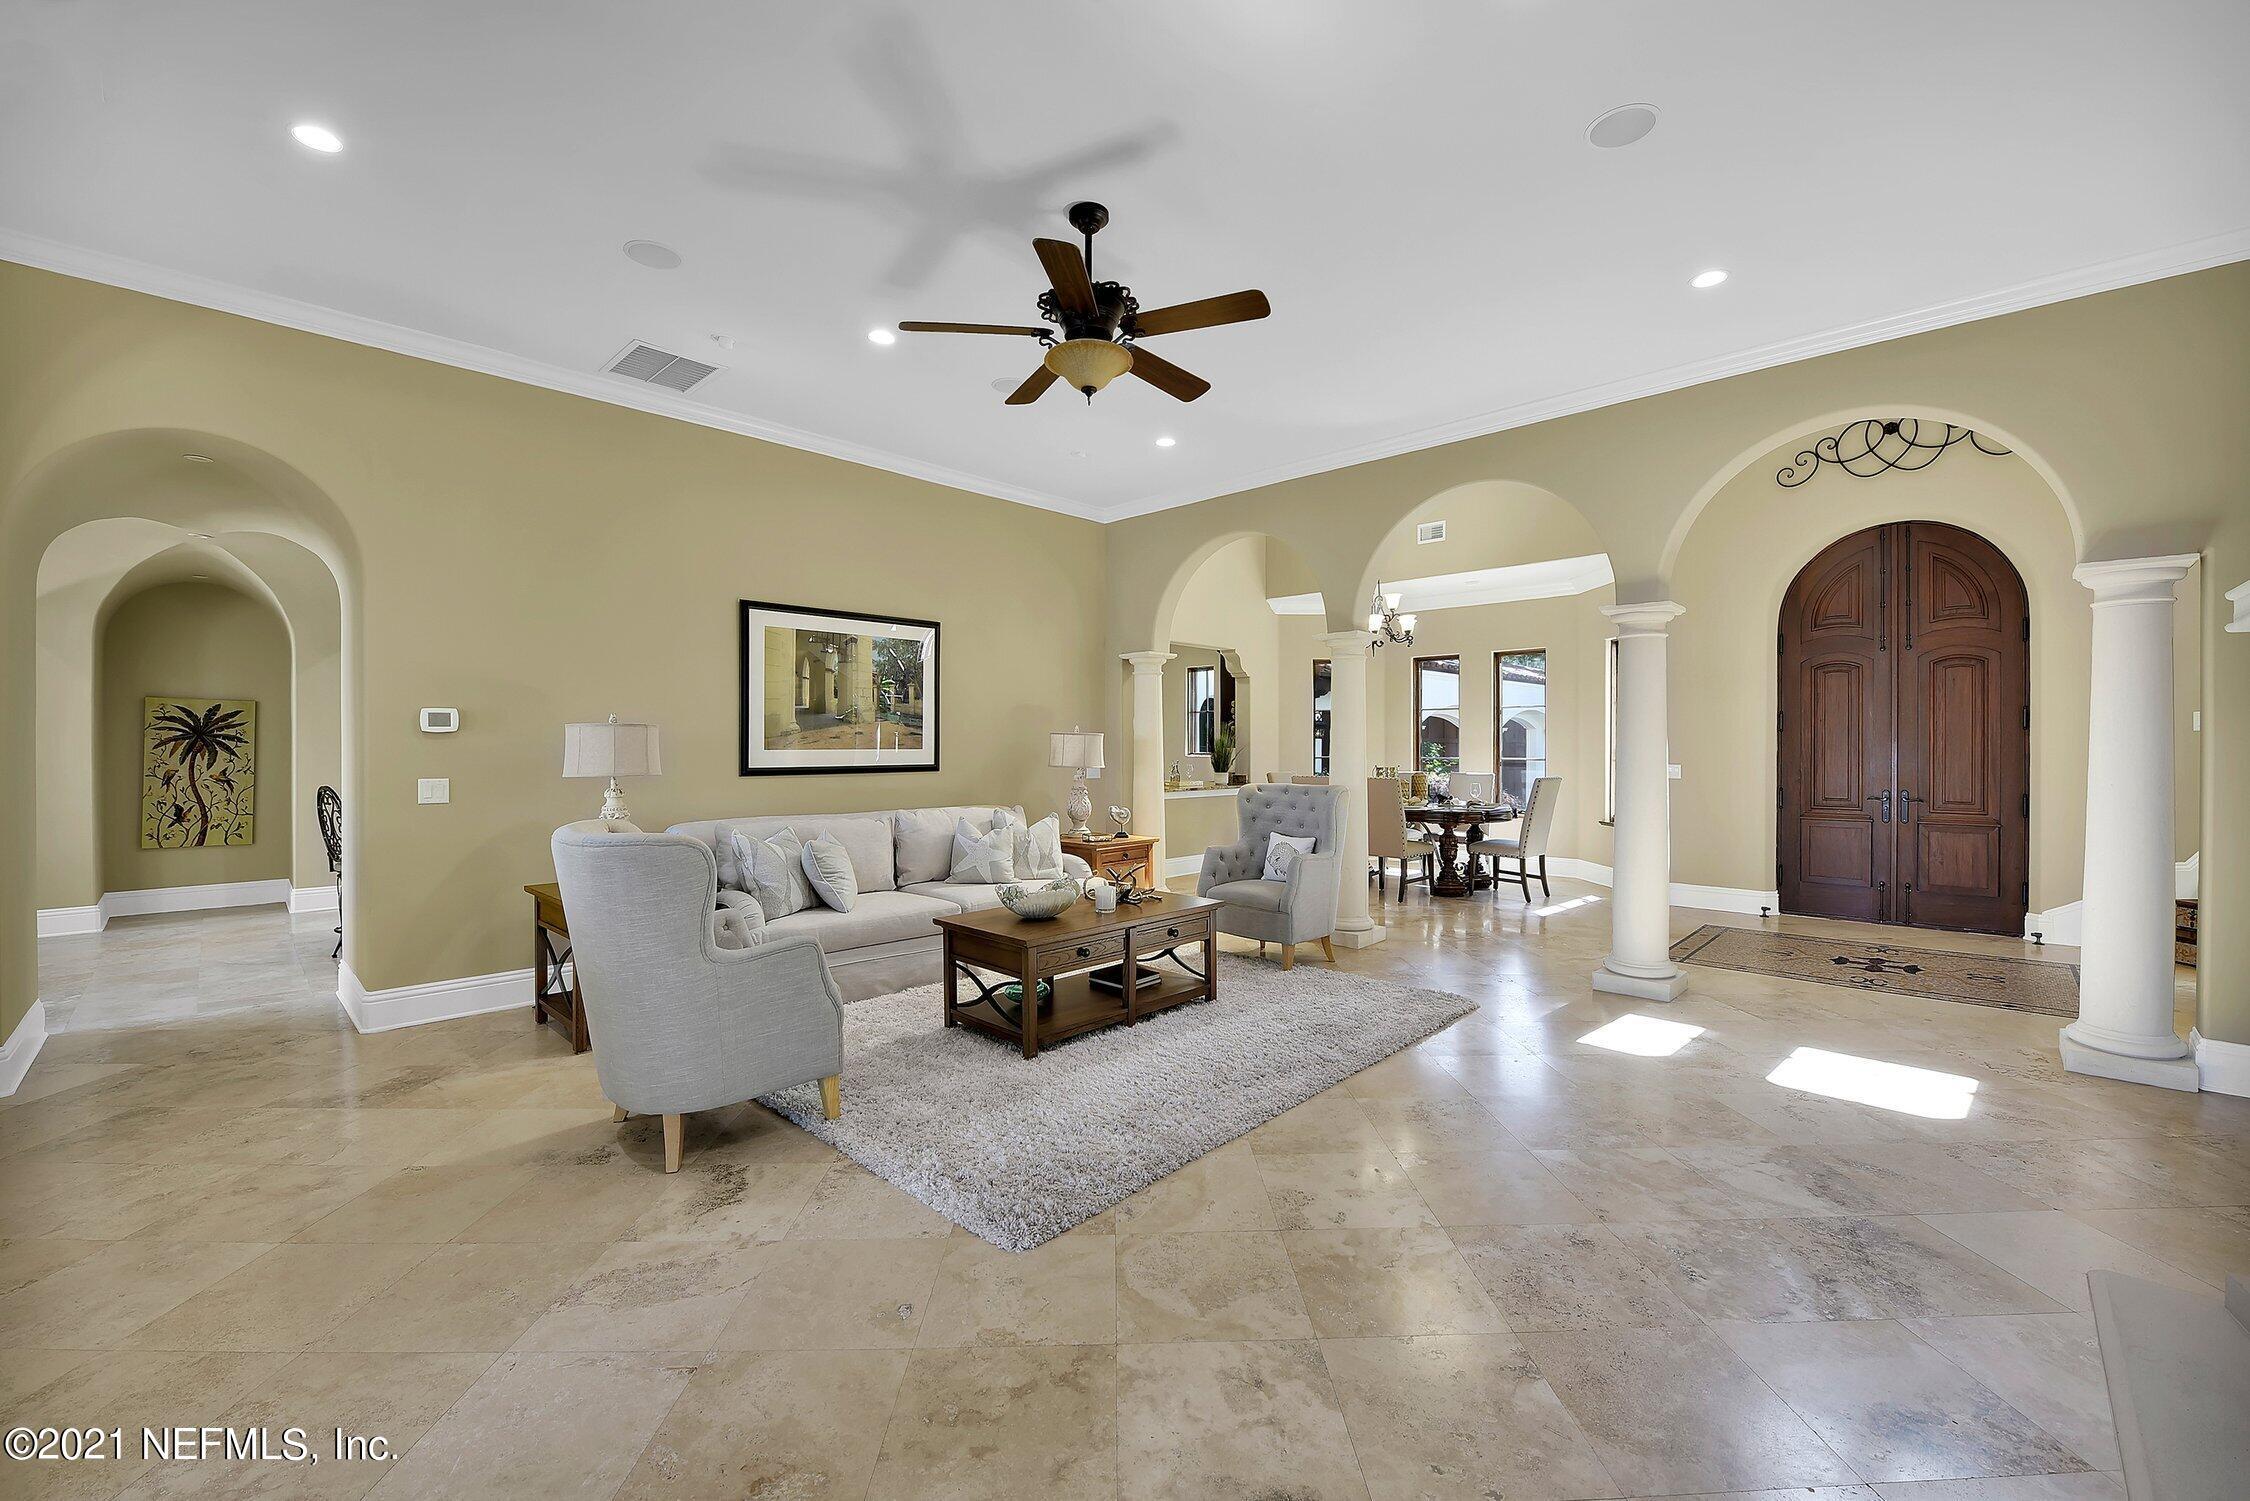 2790 SYLVAN ESTATES, JACKSONVILLE, FLORIDA 32257, 5 Bedrooms Bedrooms, ,5 BathroomsBathrooms,Residential,For sale,SYLVAN ESTATES,1099739